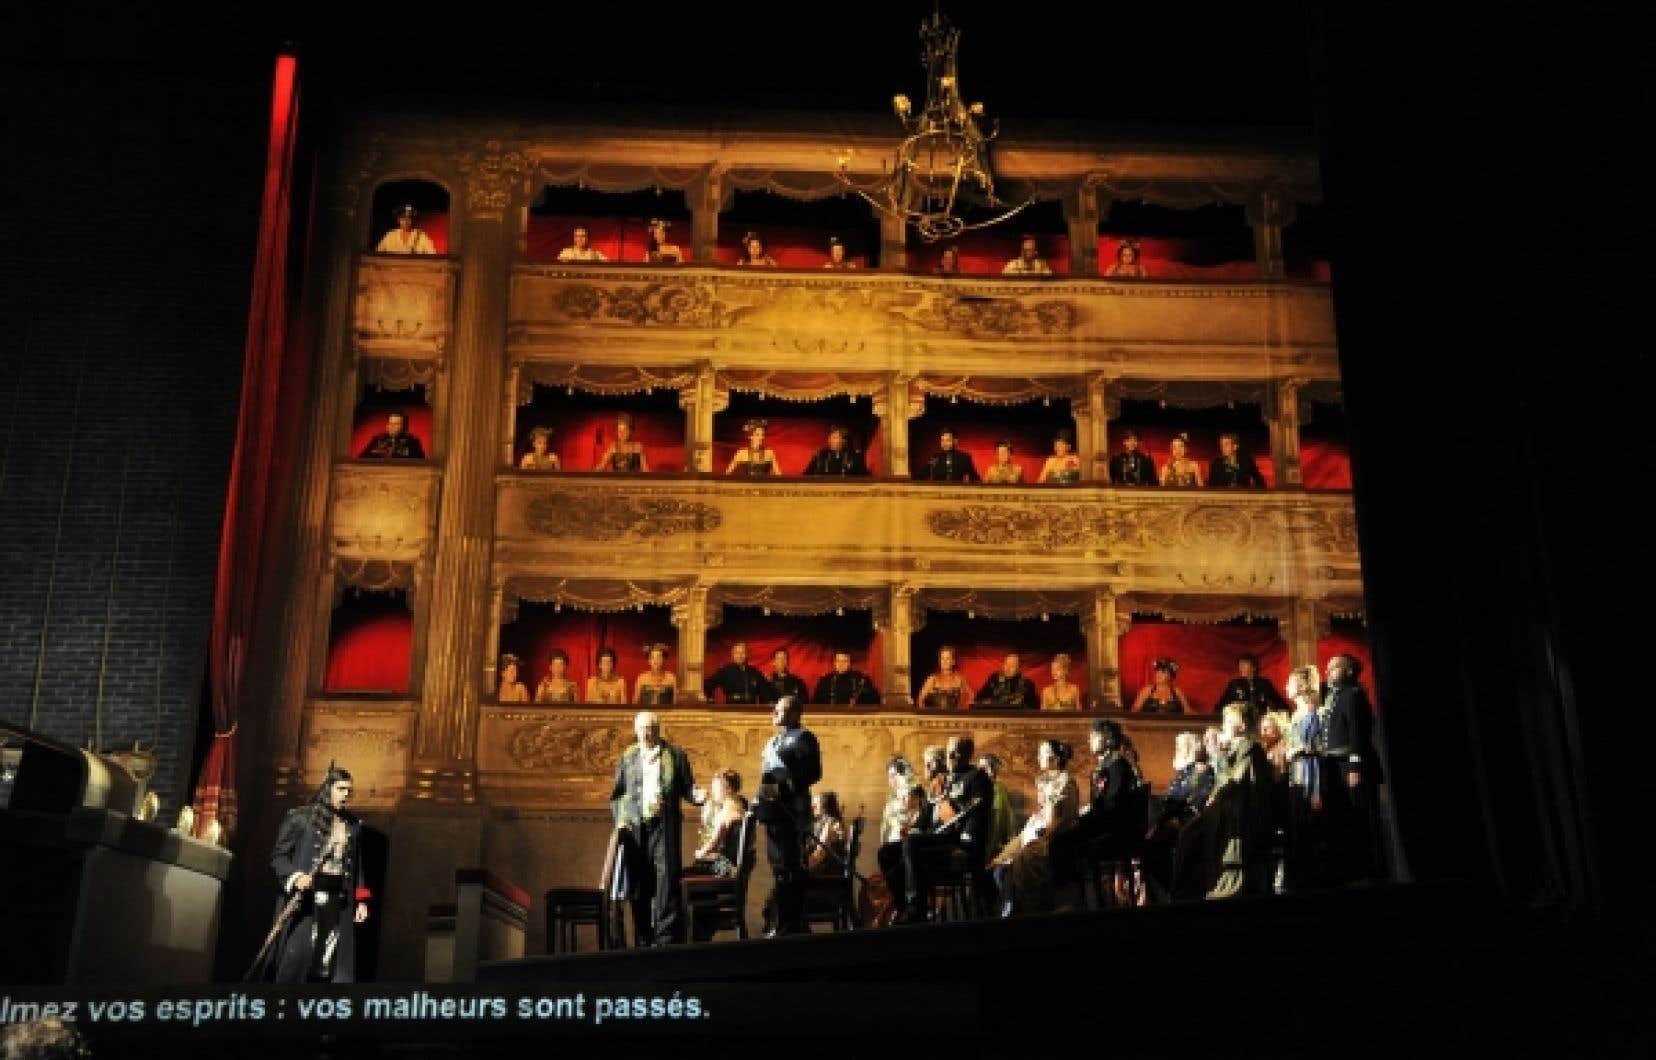 Le dernier tableau de La tempête : une coupe de la salle de la Scala de Milan que nous voyons de profil, comme une « tranche de vies » au sein de laquelle chacun occupe la place qui lui revient.